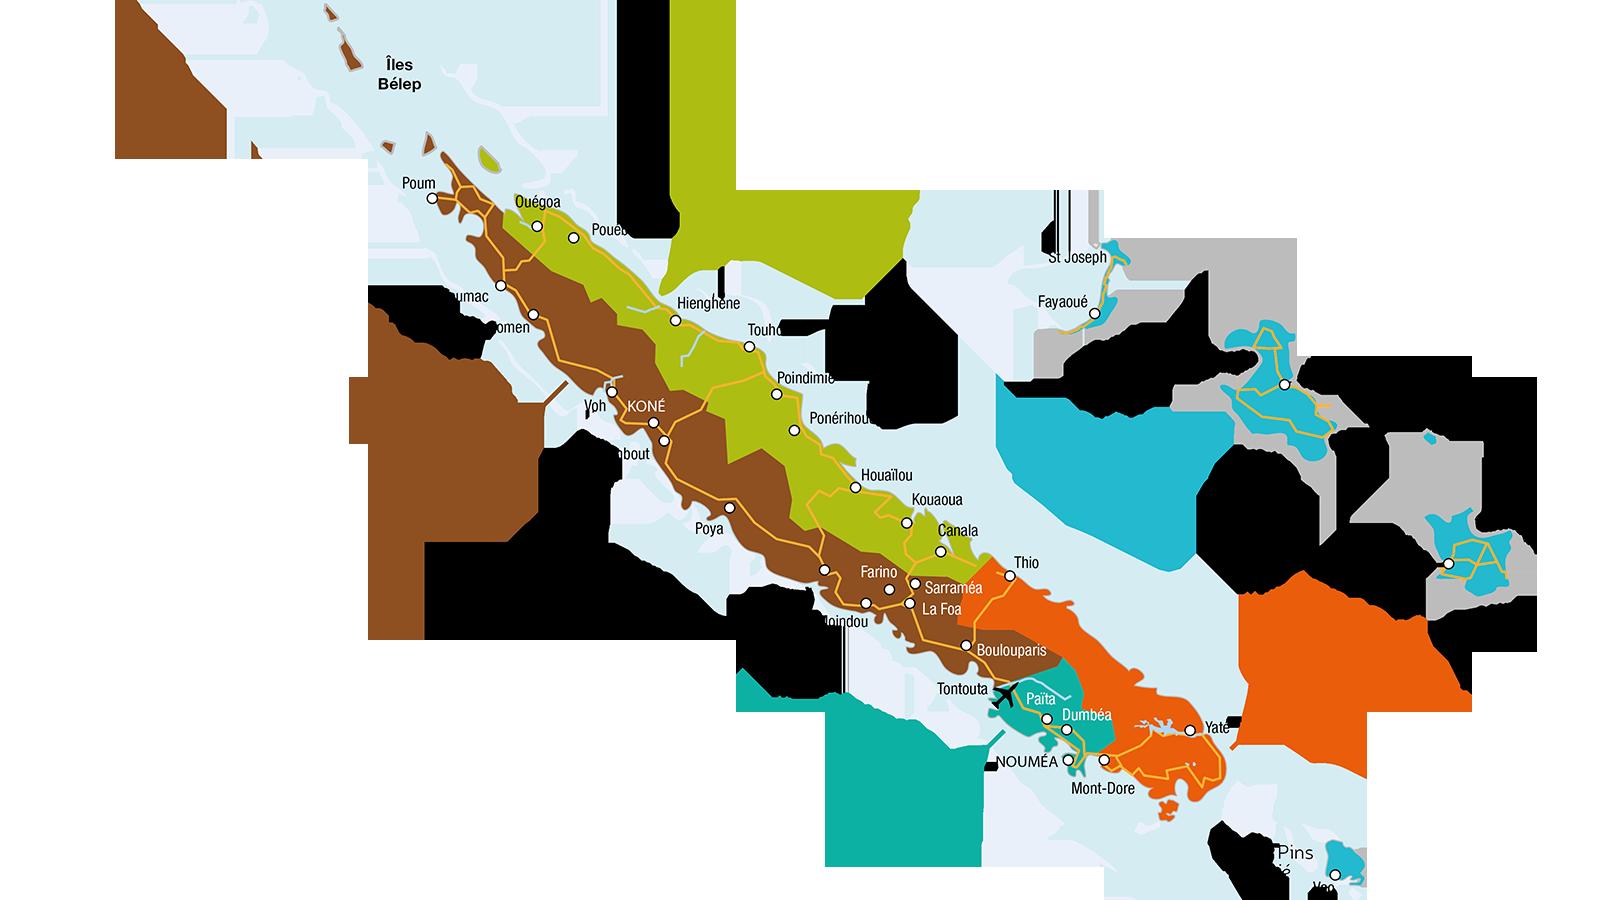 Die Regionen von Neukaledonien. Copyright: Tourisme Nouvelle-Calédonie